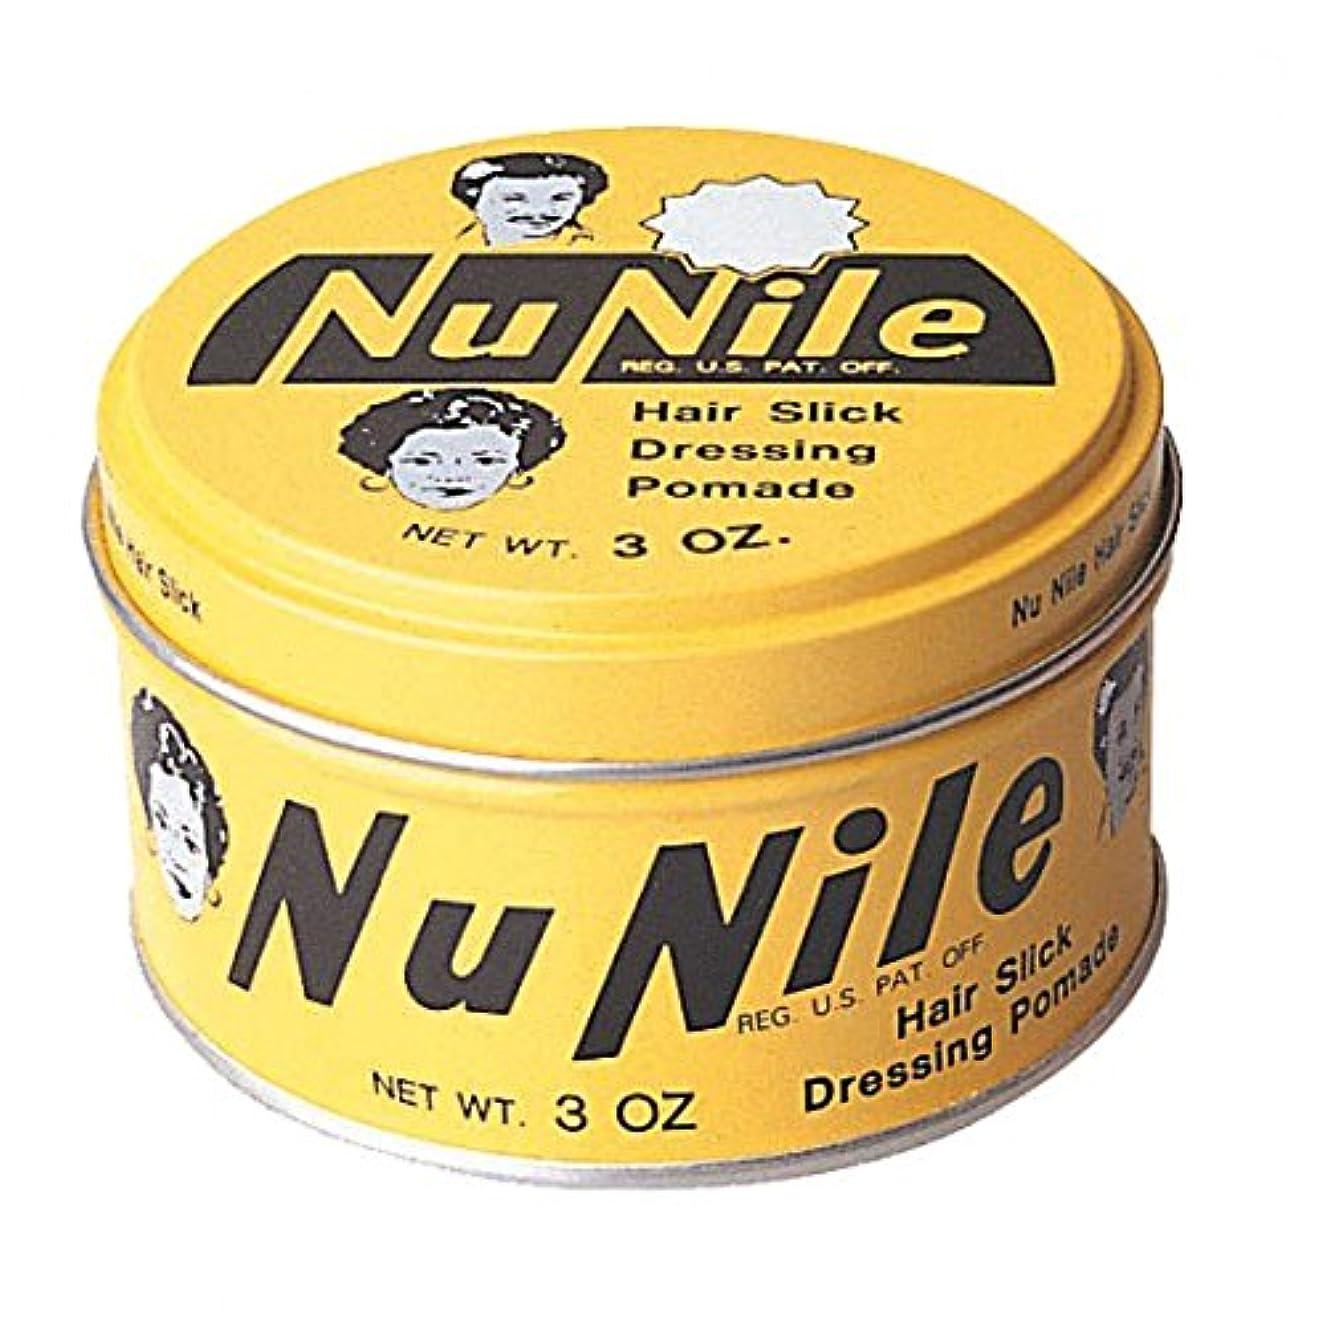 の頭の上同僚道を作るMURRAY'S(ブランド) マーレーズ Nu-Nile/ポマード/香水・コスメ 【公式/オフィシャル】